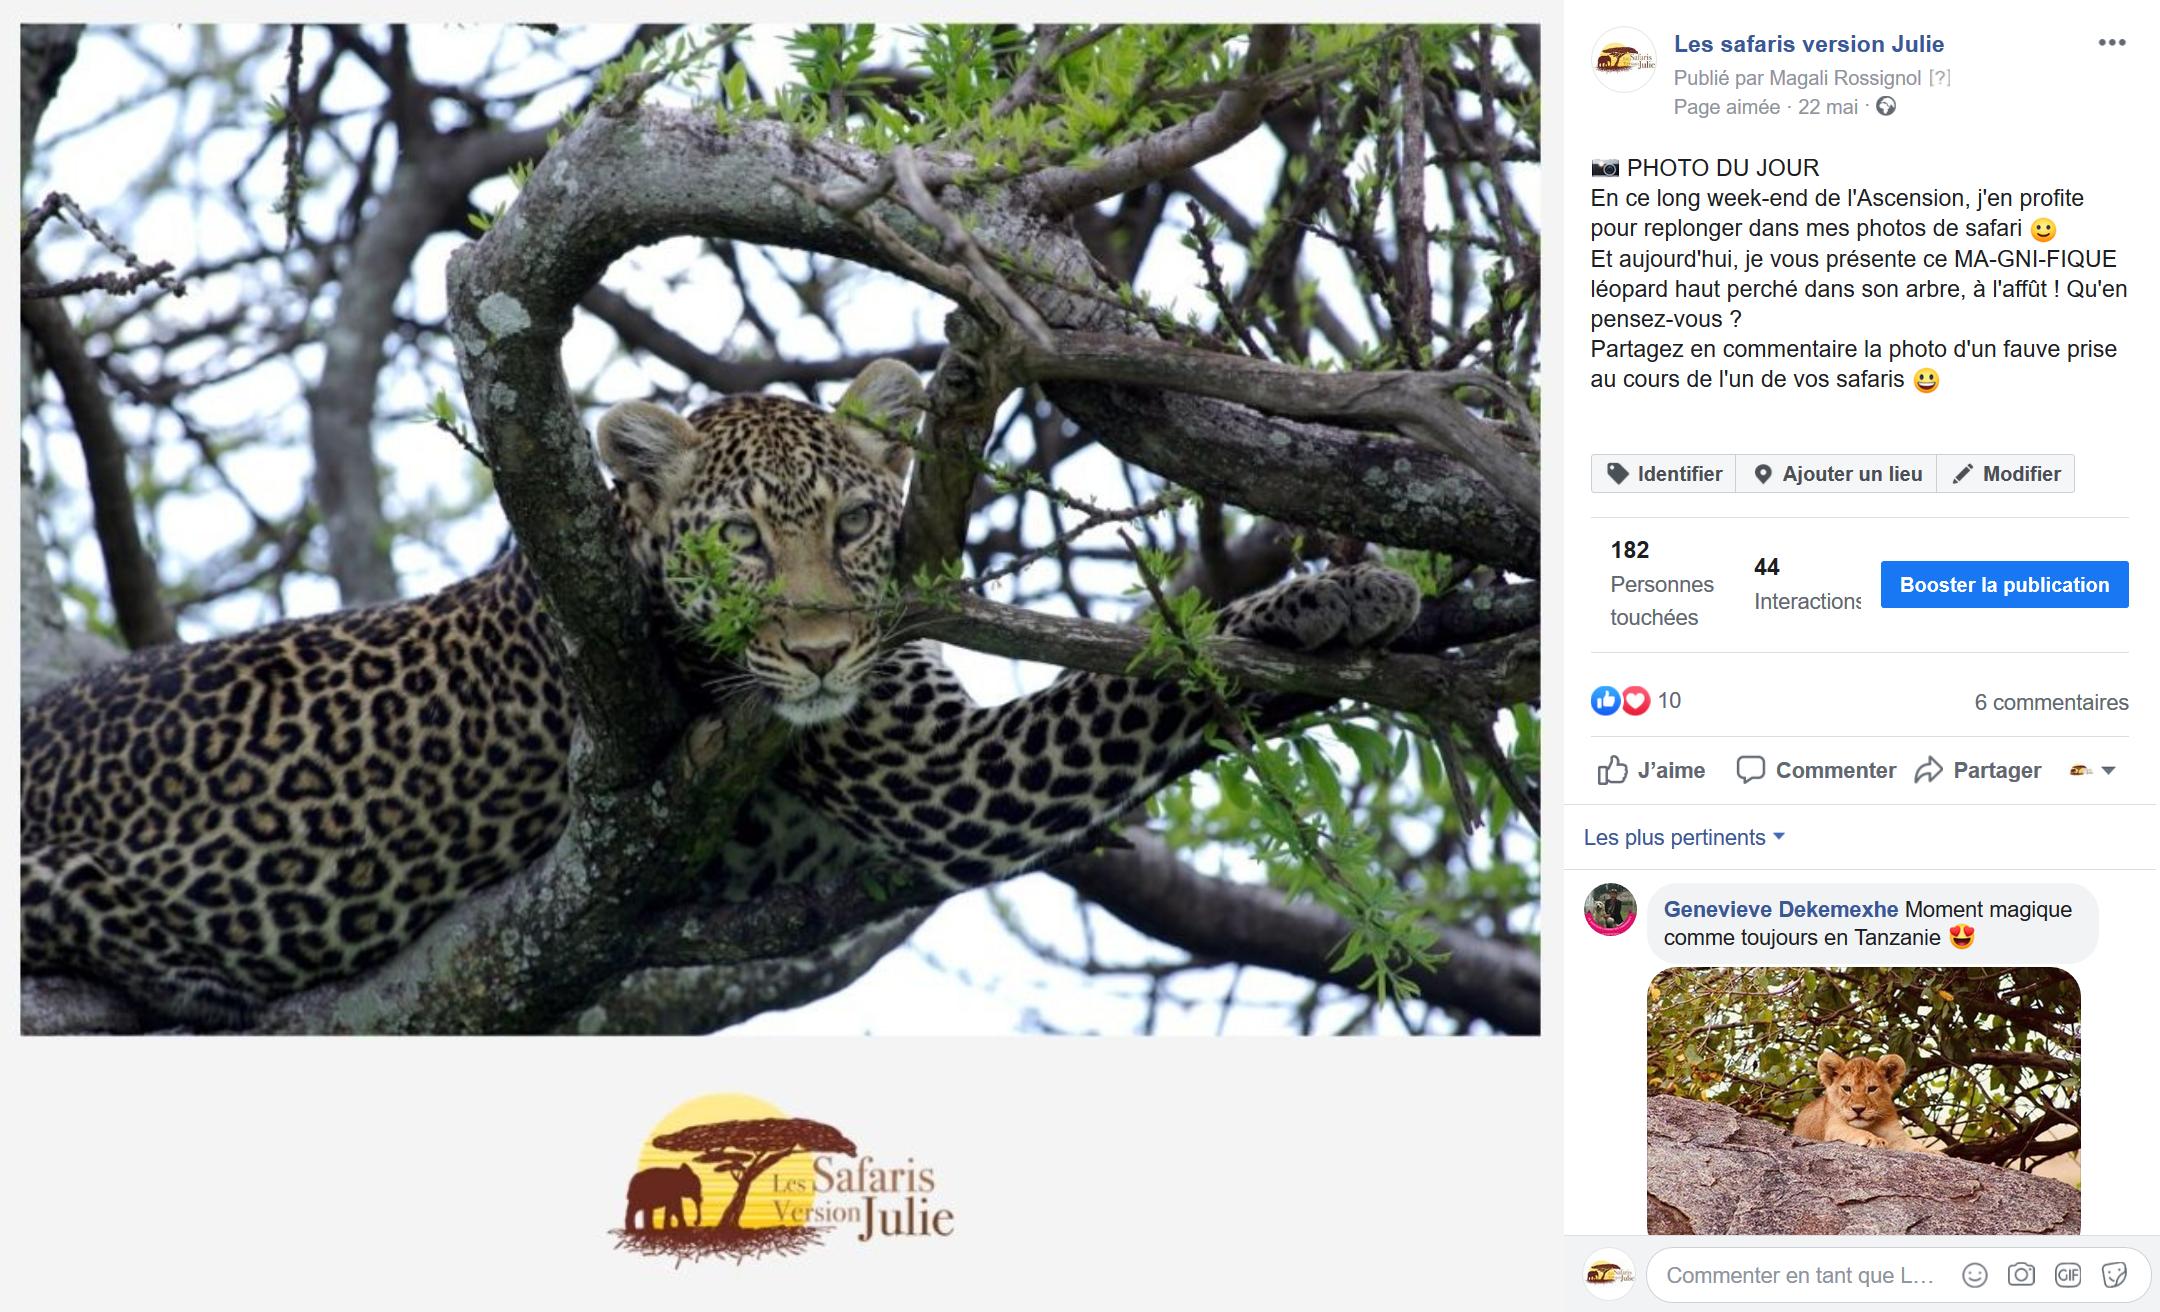 animation-facebook-specialiste-des-safaris-en-afrique-les-safaris-version-julie-dordogne